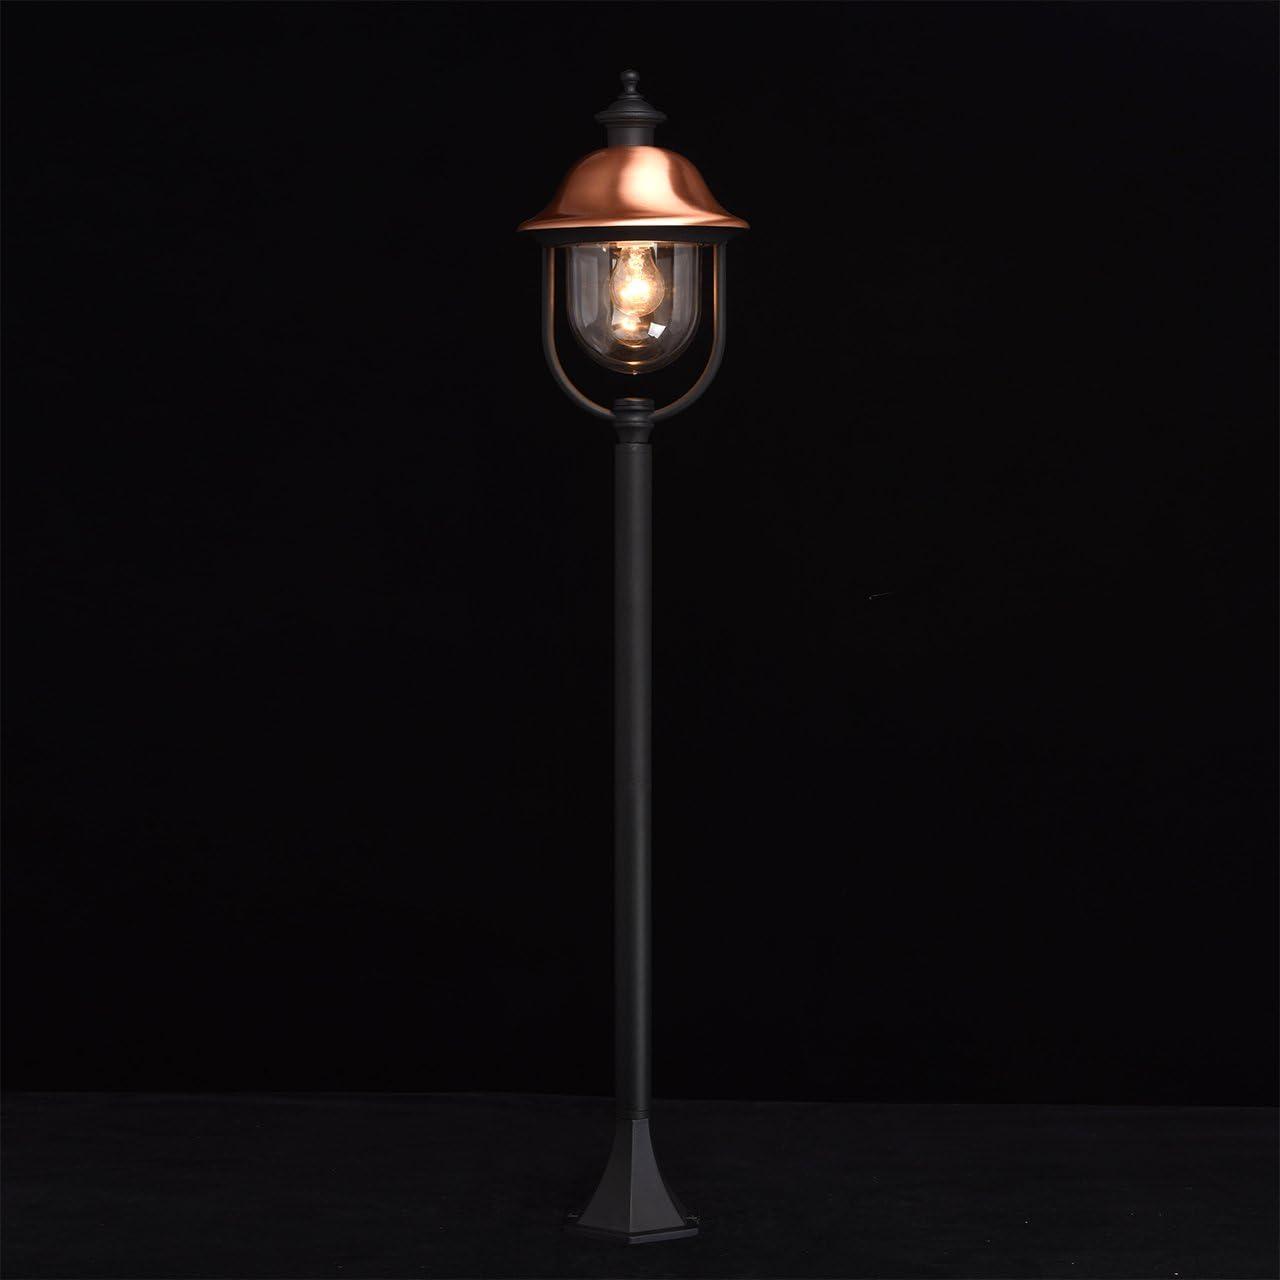 MW-Light 805010401 Lampada Pendente da Esterno in Alluminio Acrilico Colore Nero Rame 1 x 95W E27 Escl Lampada Da Terra Alta 1 Luce Per Esterno